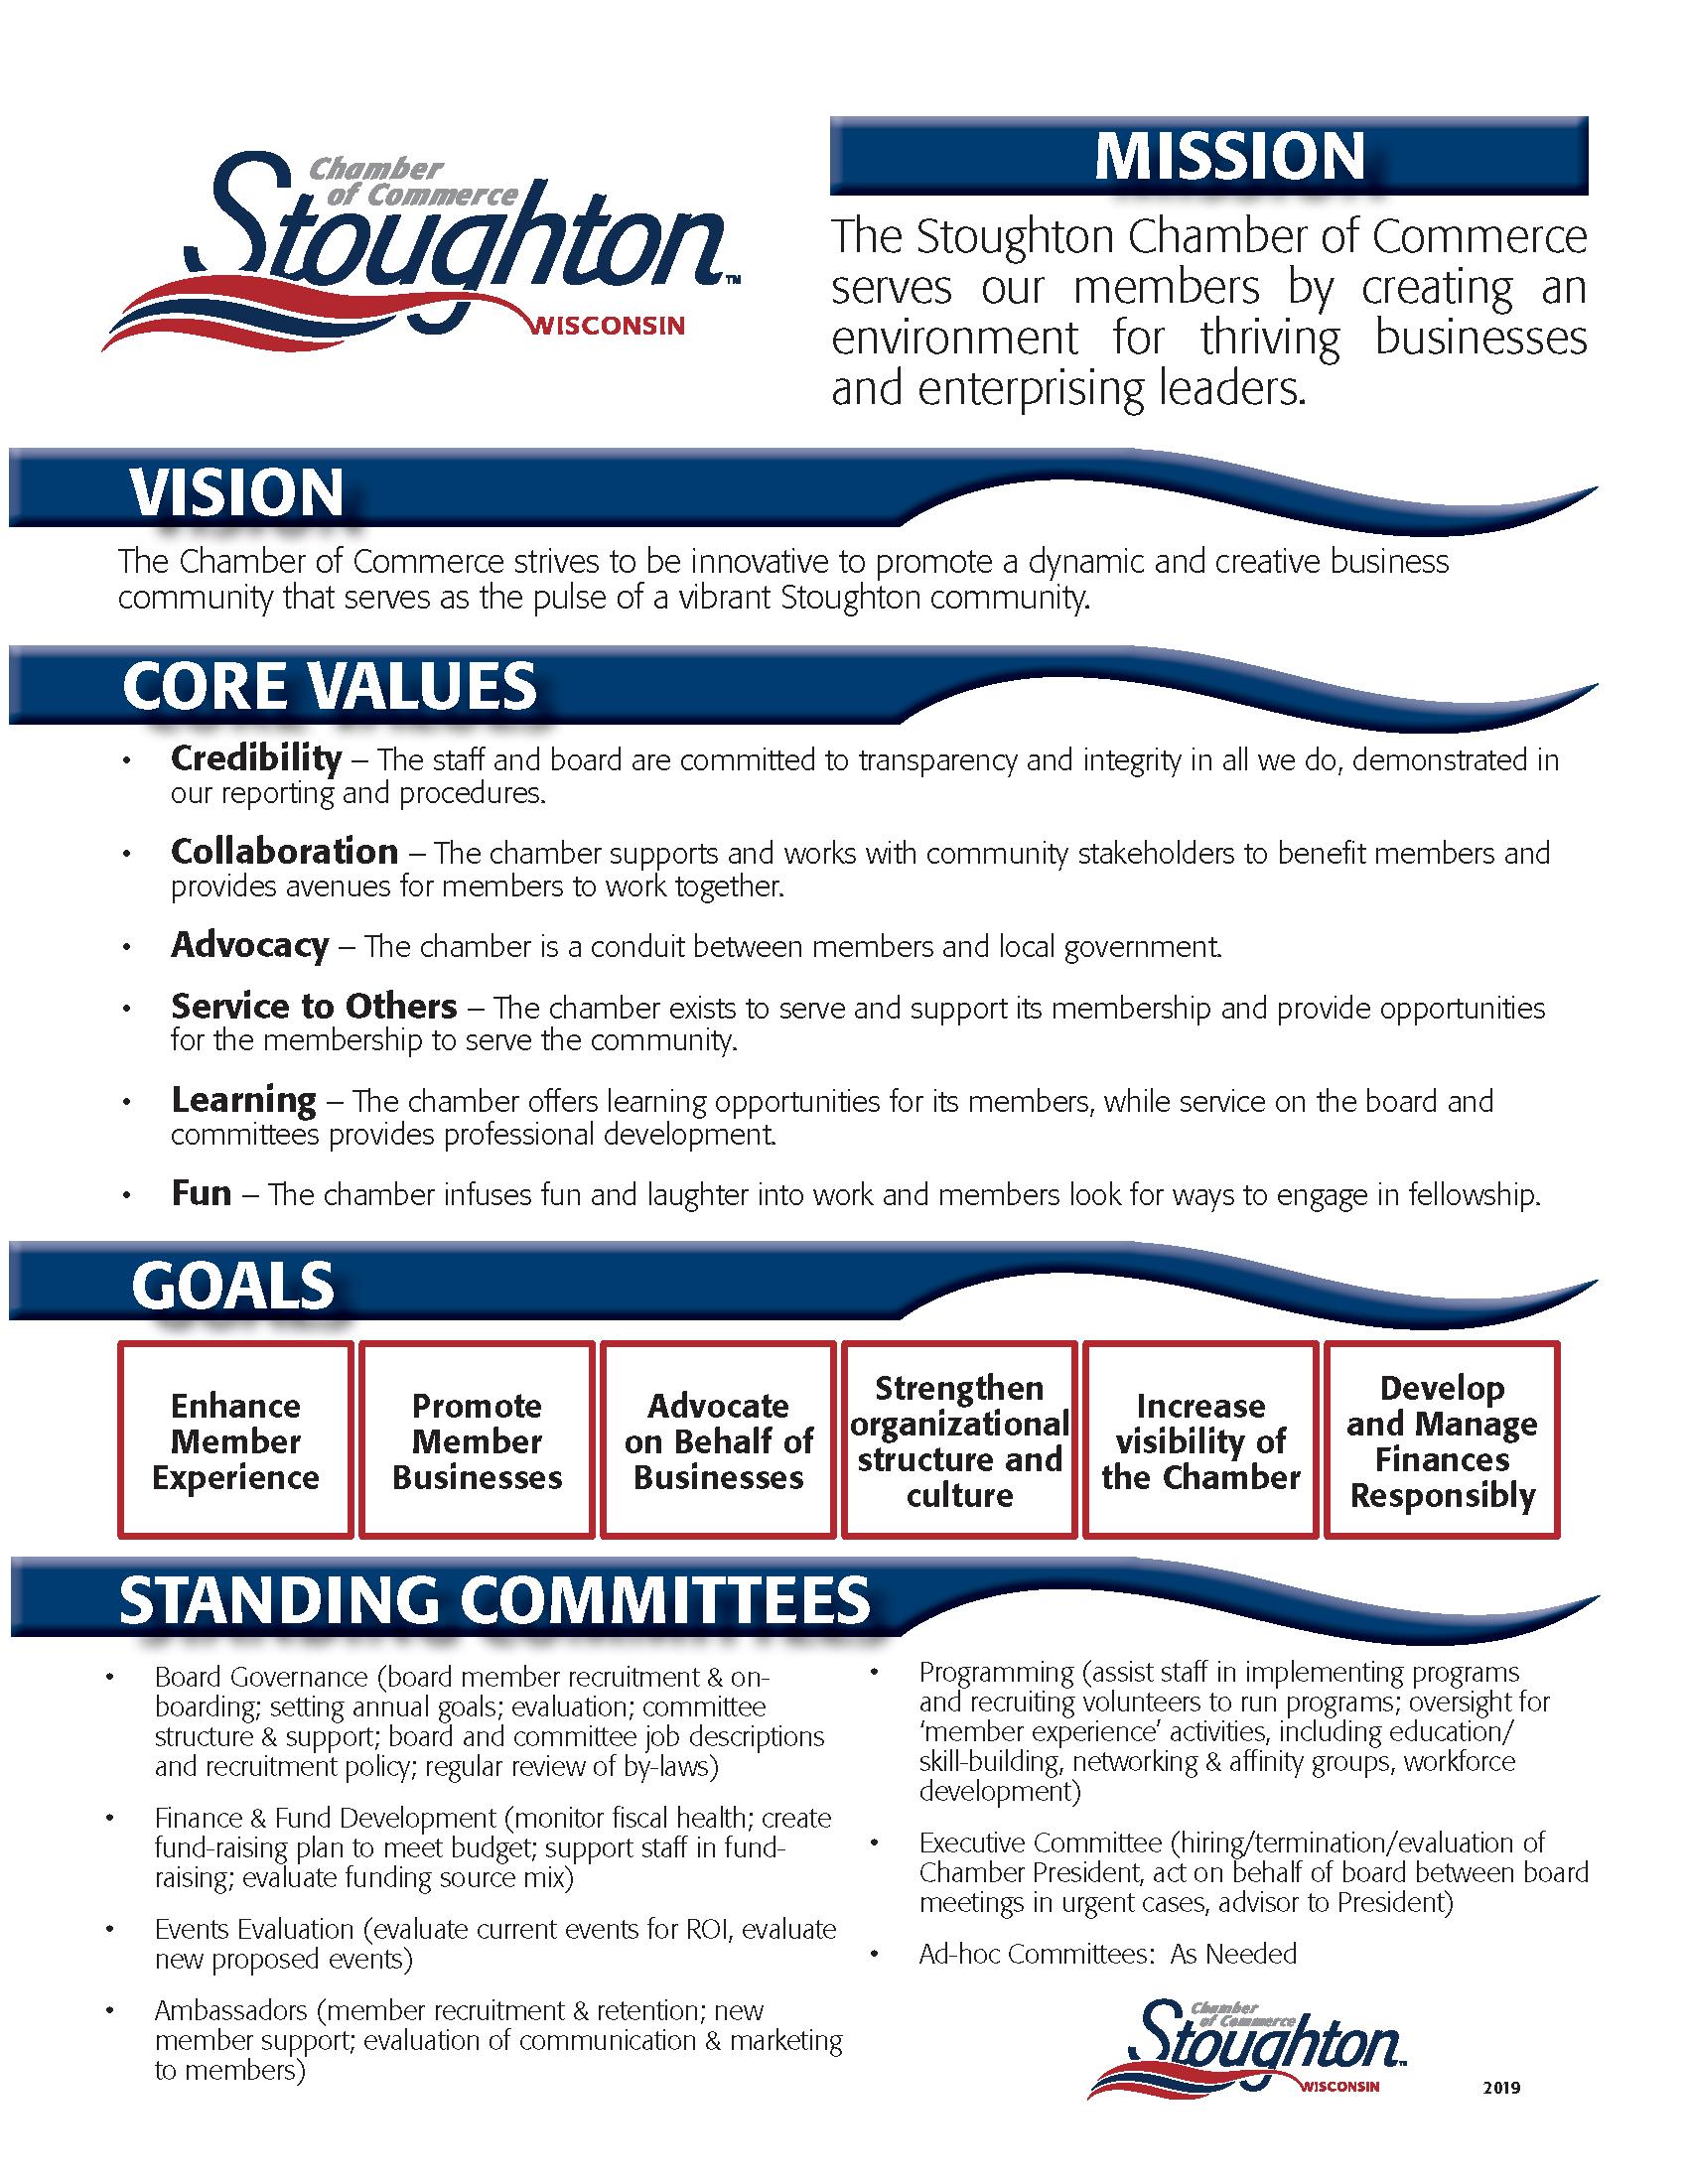 Strategic-Plan-2019.png